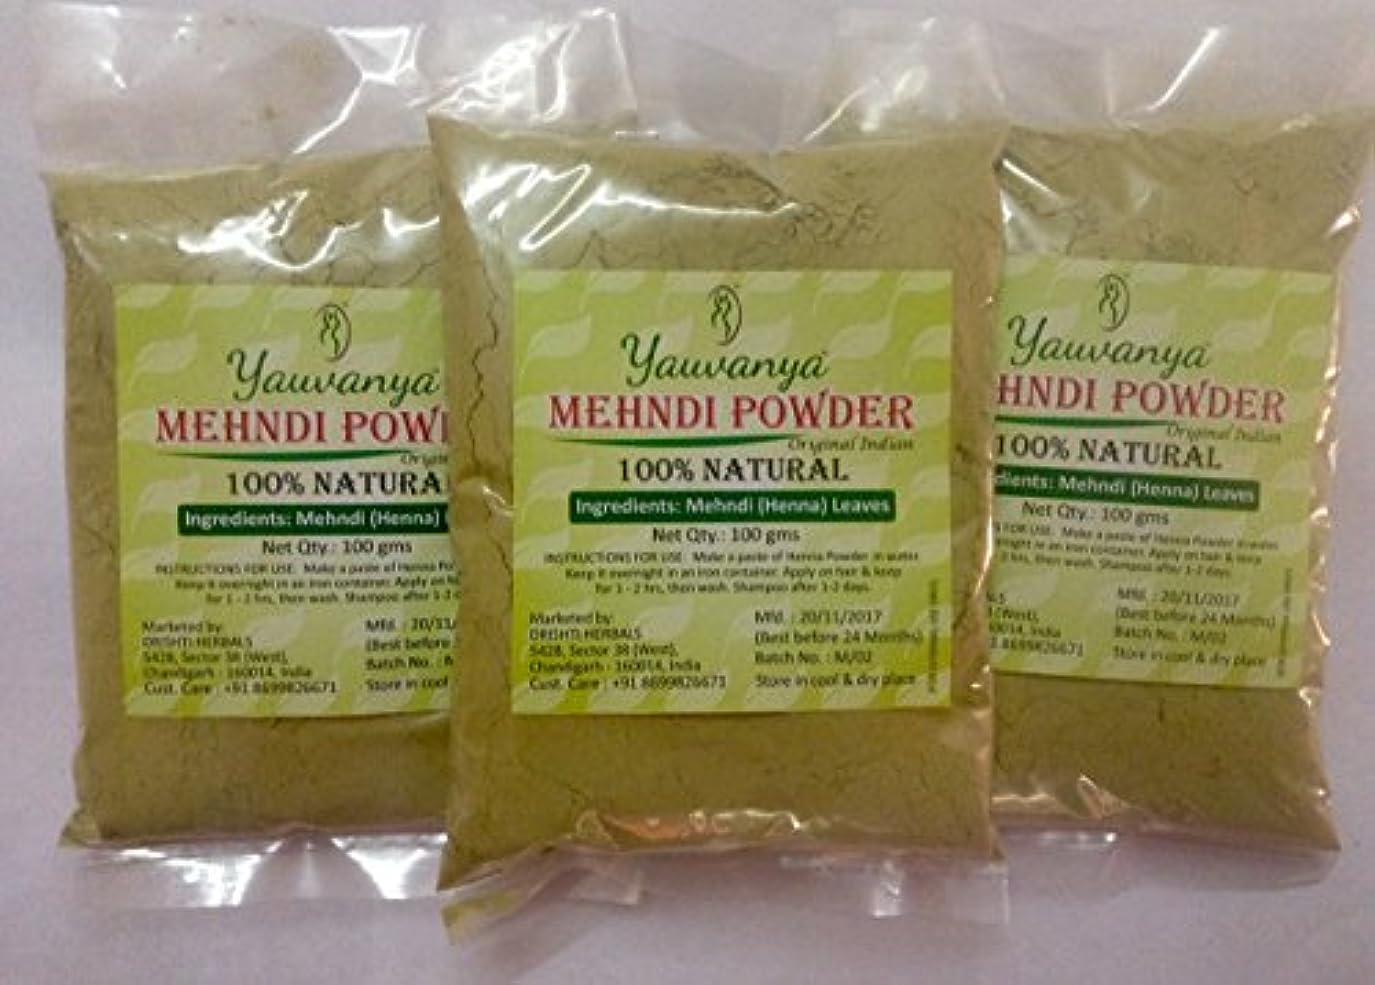 無視憂慮すべき劇的Yauvanyaオリジナルインディアンピュア&ナチュラルヘナ(Mehndi)for Hair - 3X100 gms (Yauvanya Original Indian Pure and Natural Henna (Mehndi...